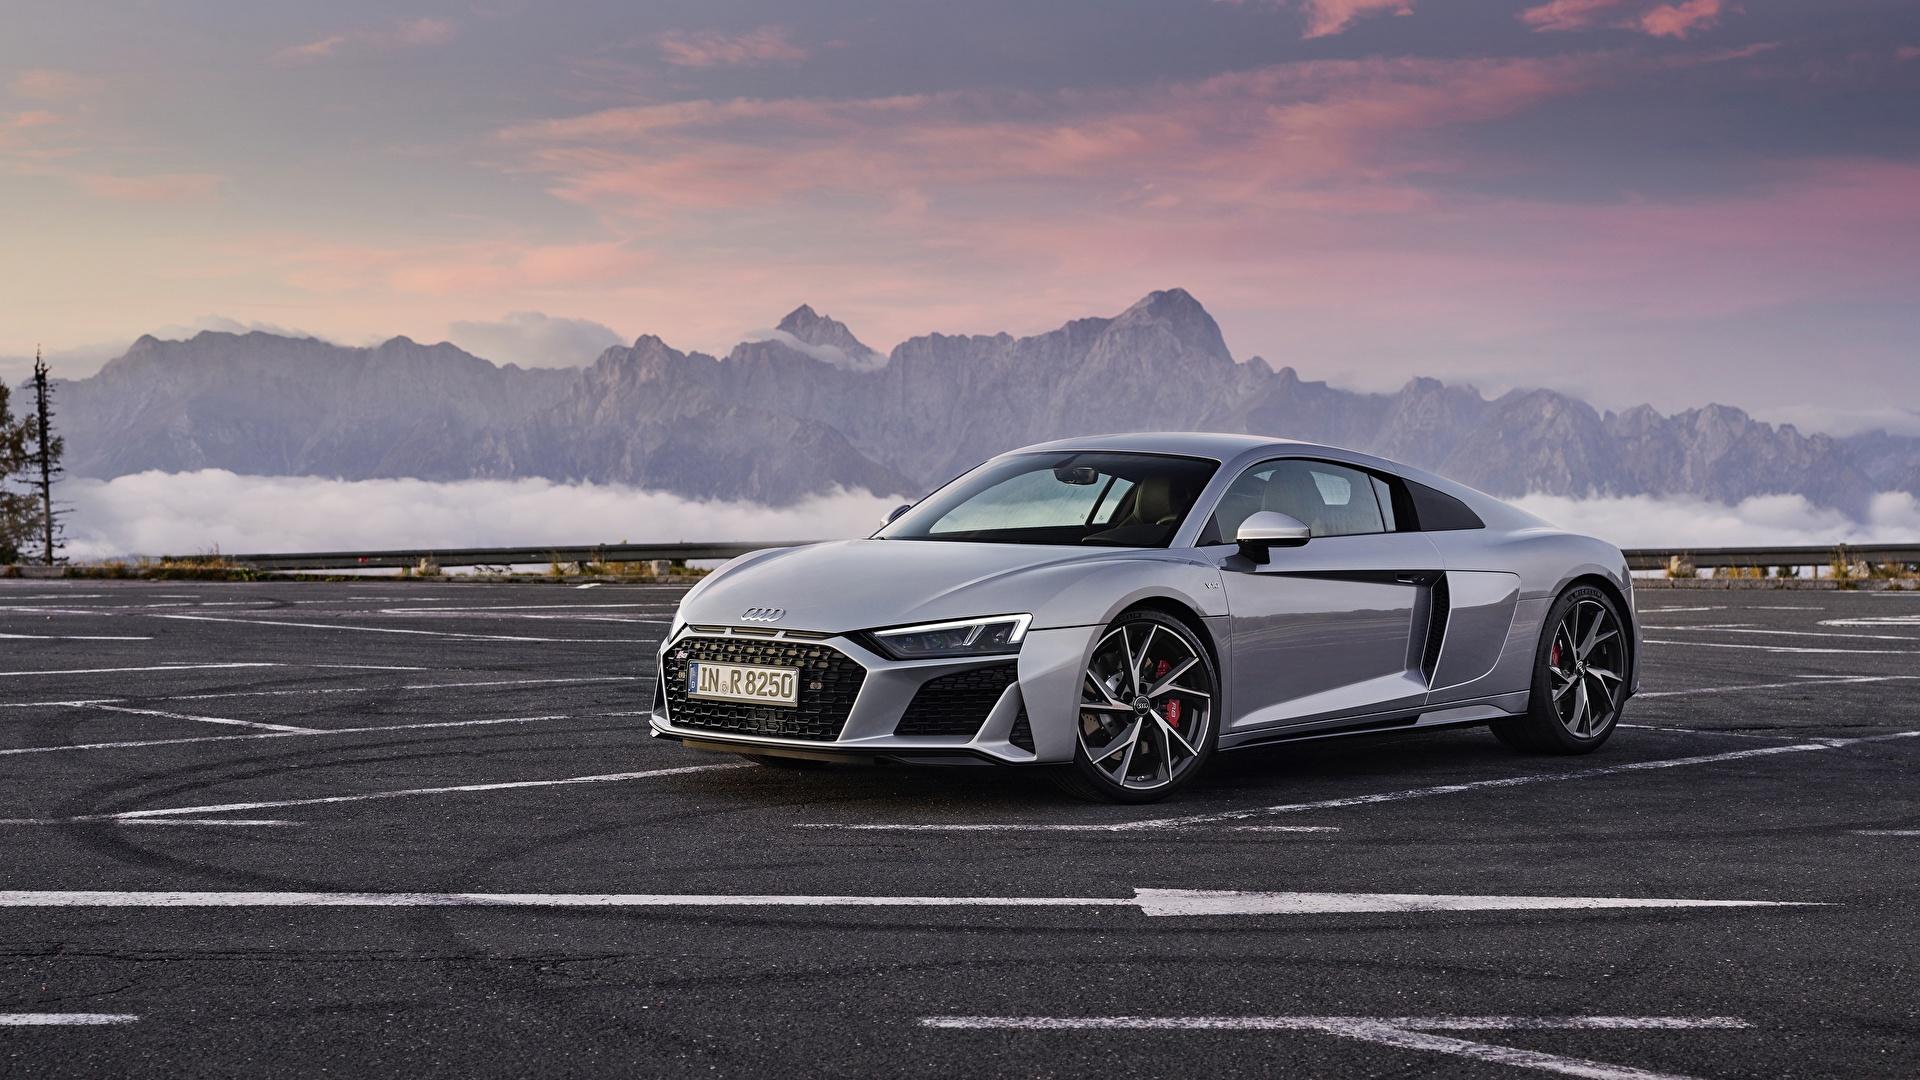 2020 Audi R8 Wallpaper